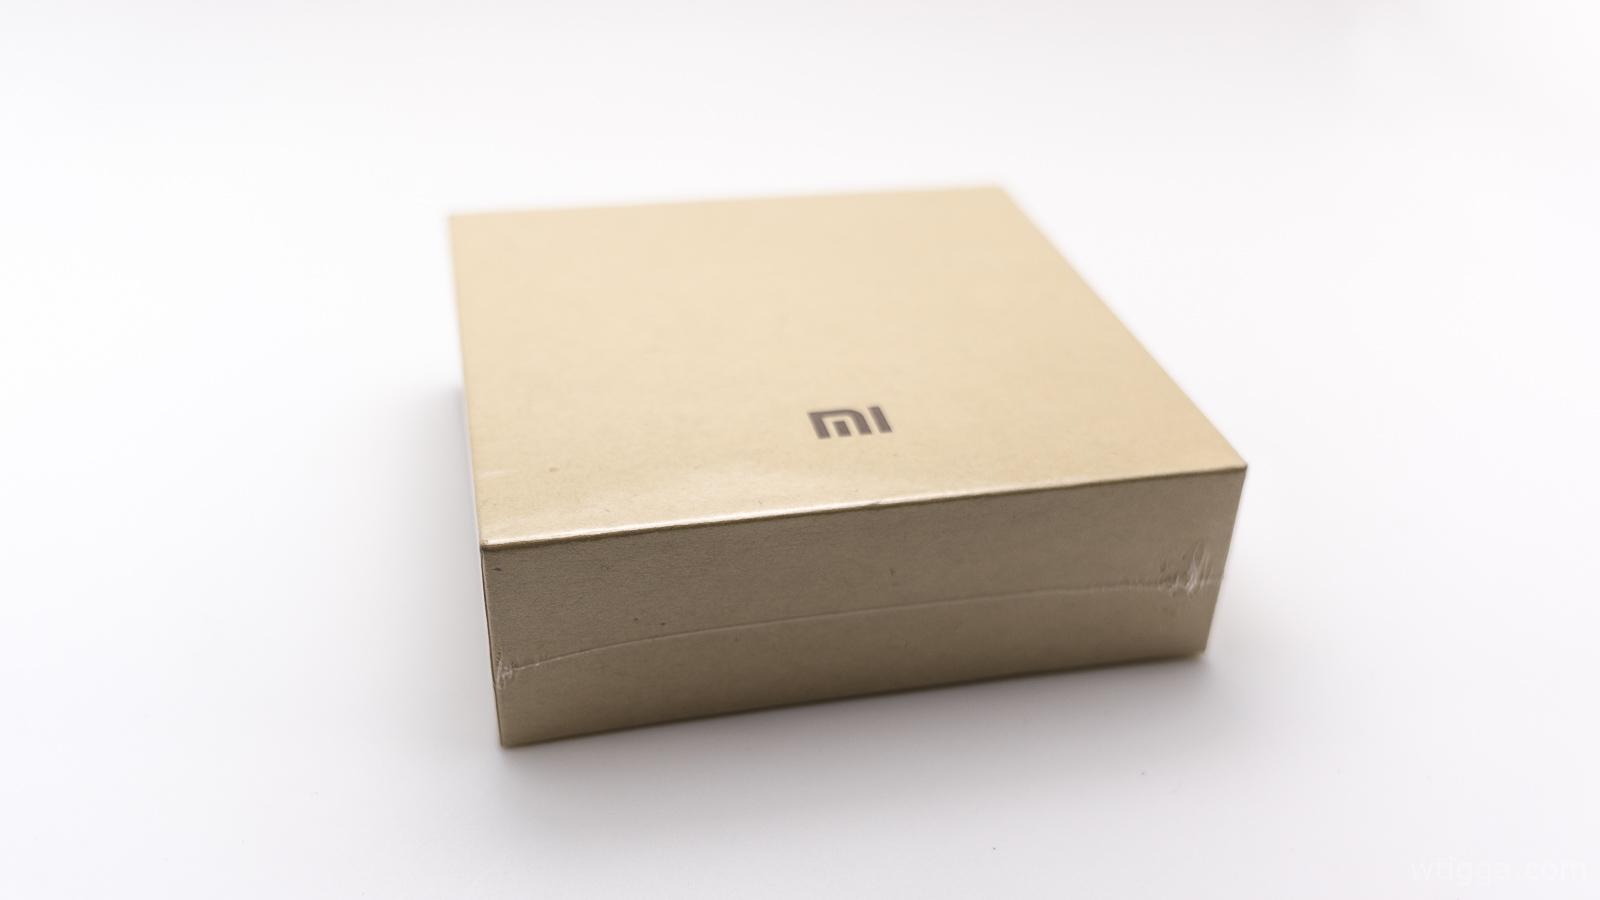 miband 2 unboxing